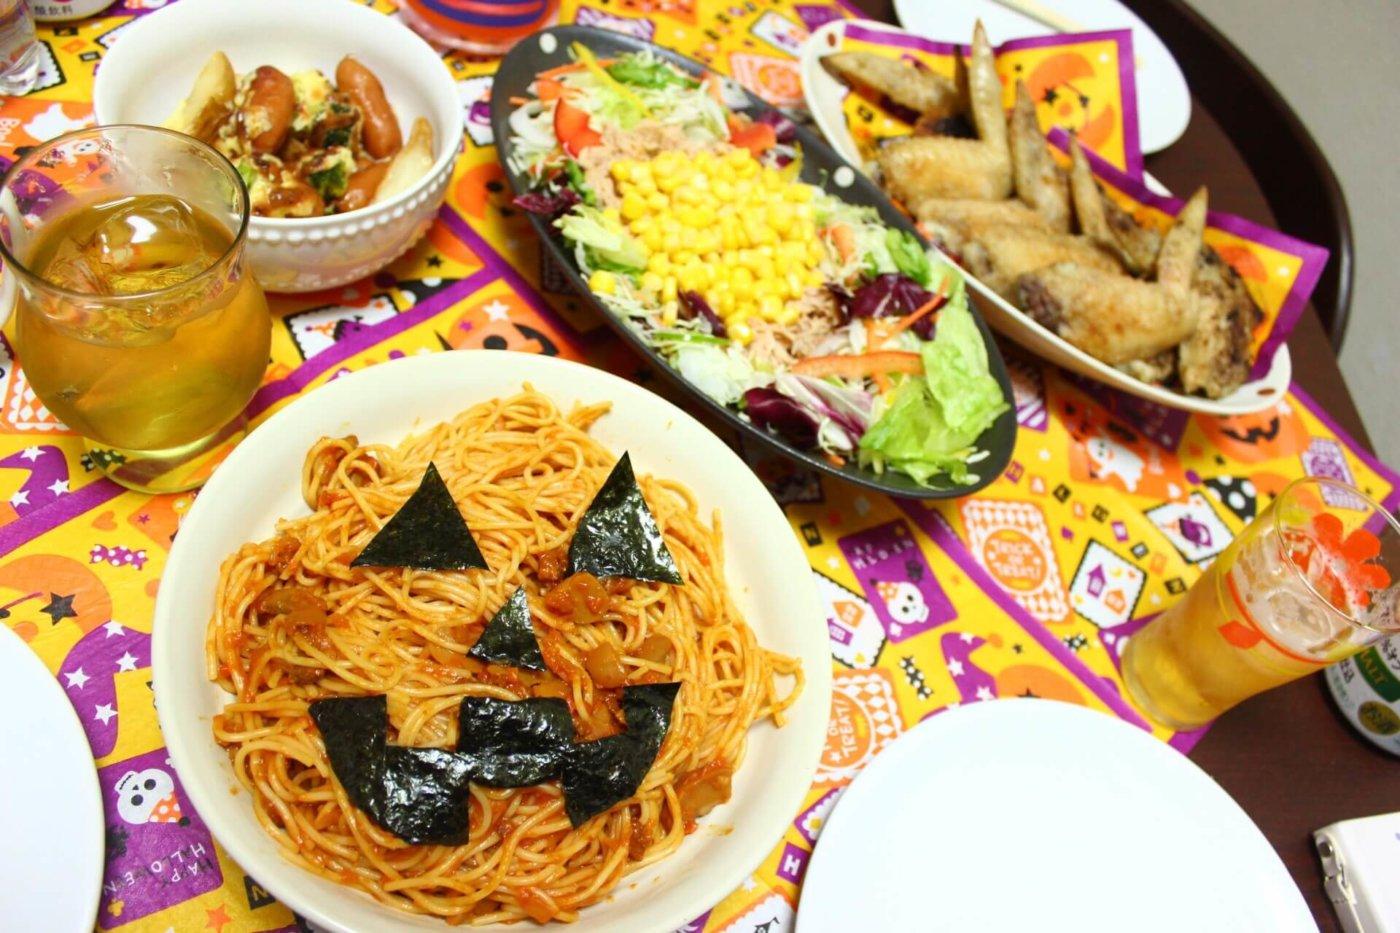 【ハロウィンパーティー】みんなが喜ぶ、褒められ料理はコレ!